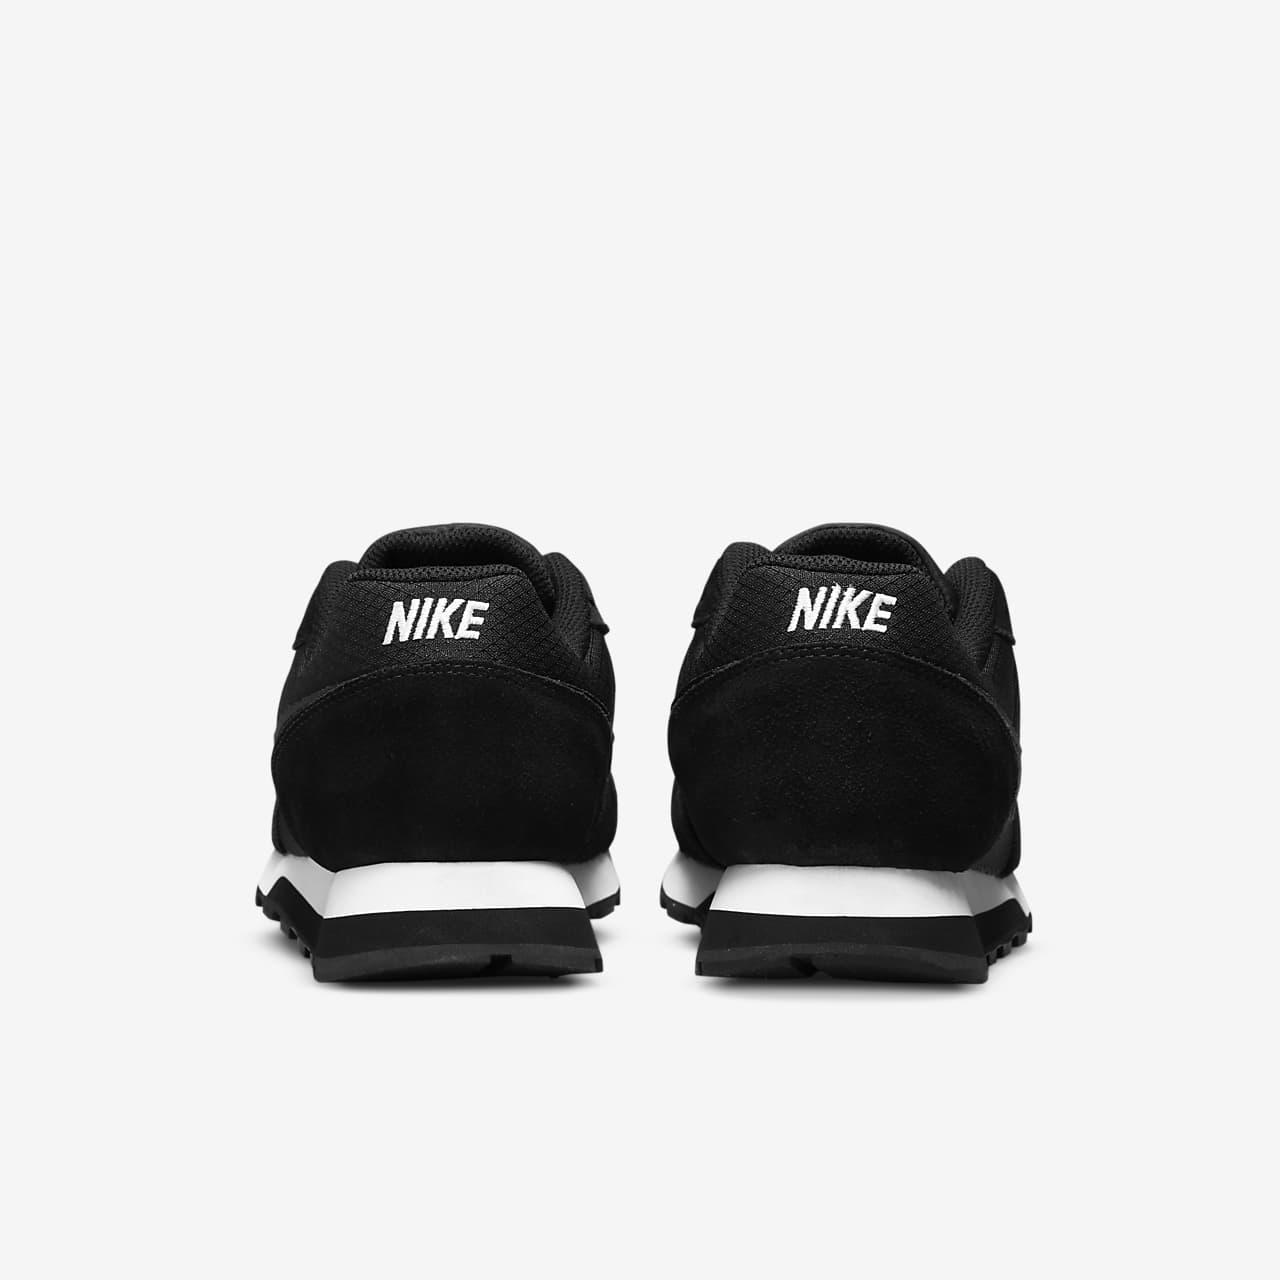 on sale de903 bd3d5 ... Nike MD Runner 2 Women s Shoe